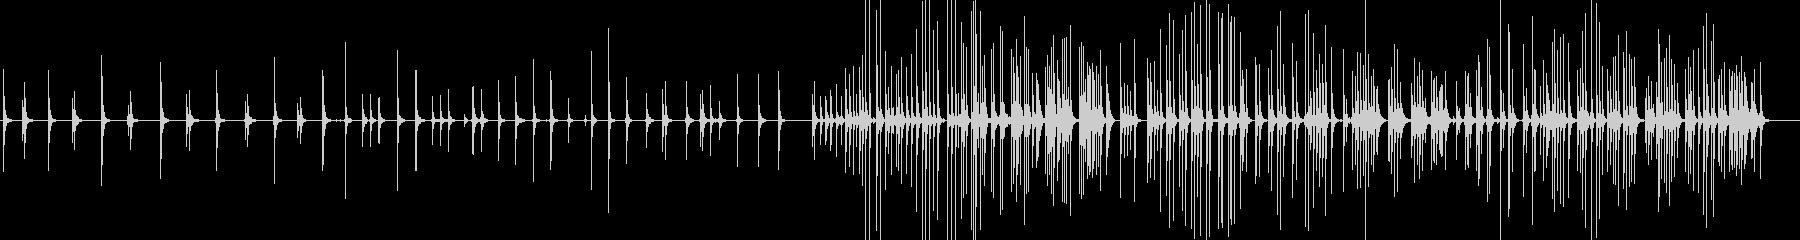 三味線138越後獅子2新潟県月潟角兵衛獅の未再生の波形